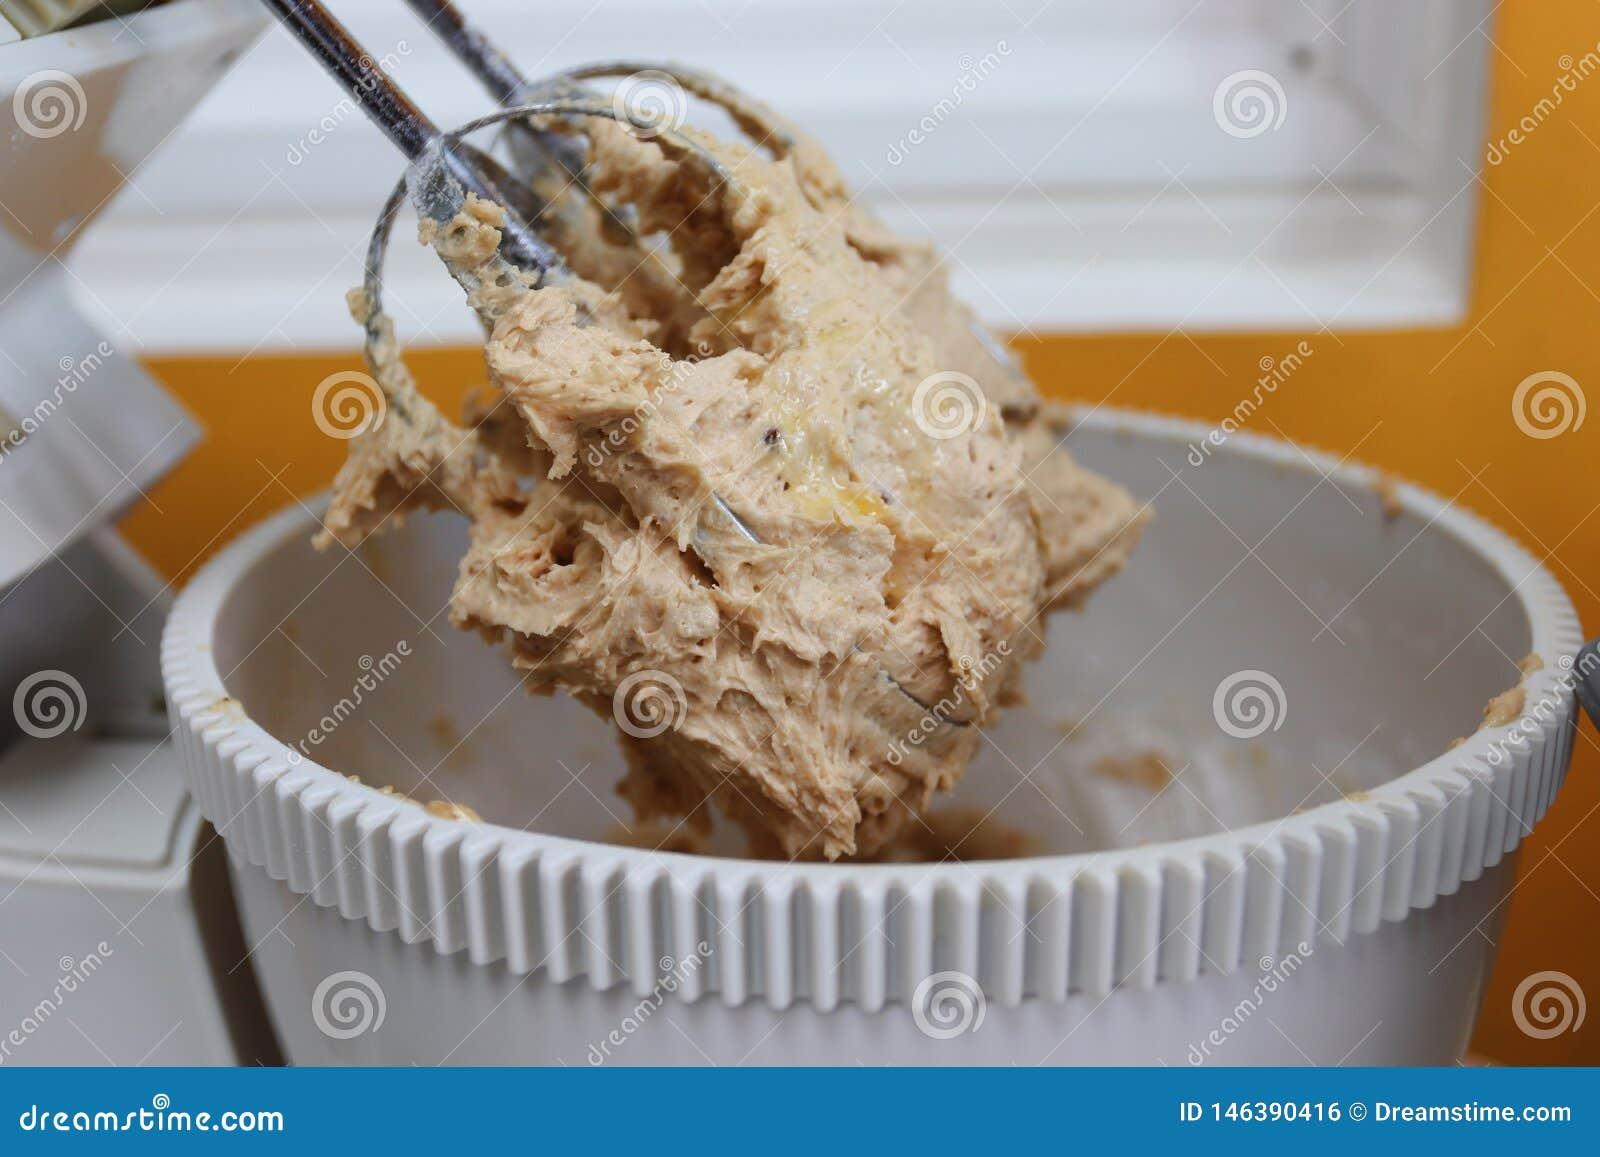 混合的鸡蛋、面粉和糖在碗有电动搅拌机的